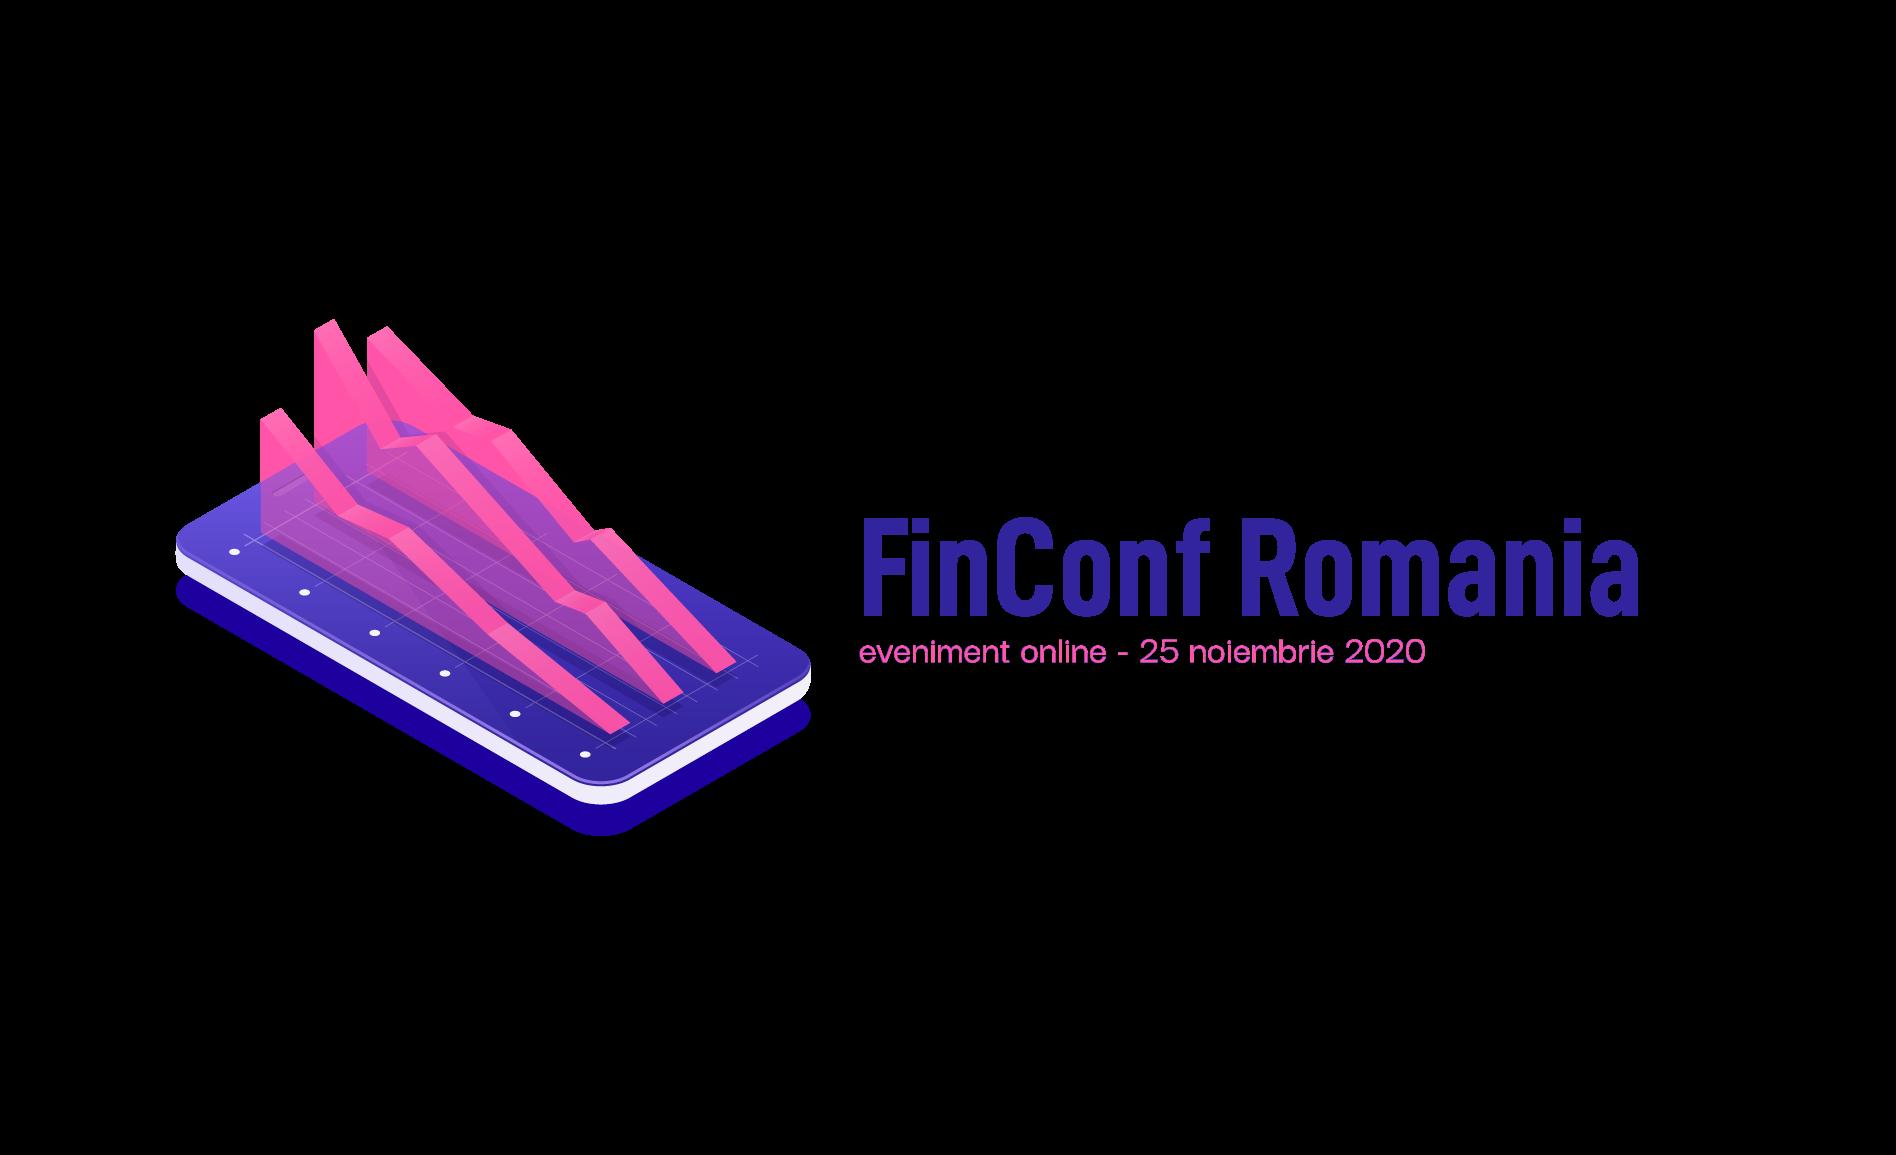 """Pe 25 noiembrie, discutăm despre evoluția sectorului financiar-bancar, în cadrul """"FinConf România"""", eveniment online"""